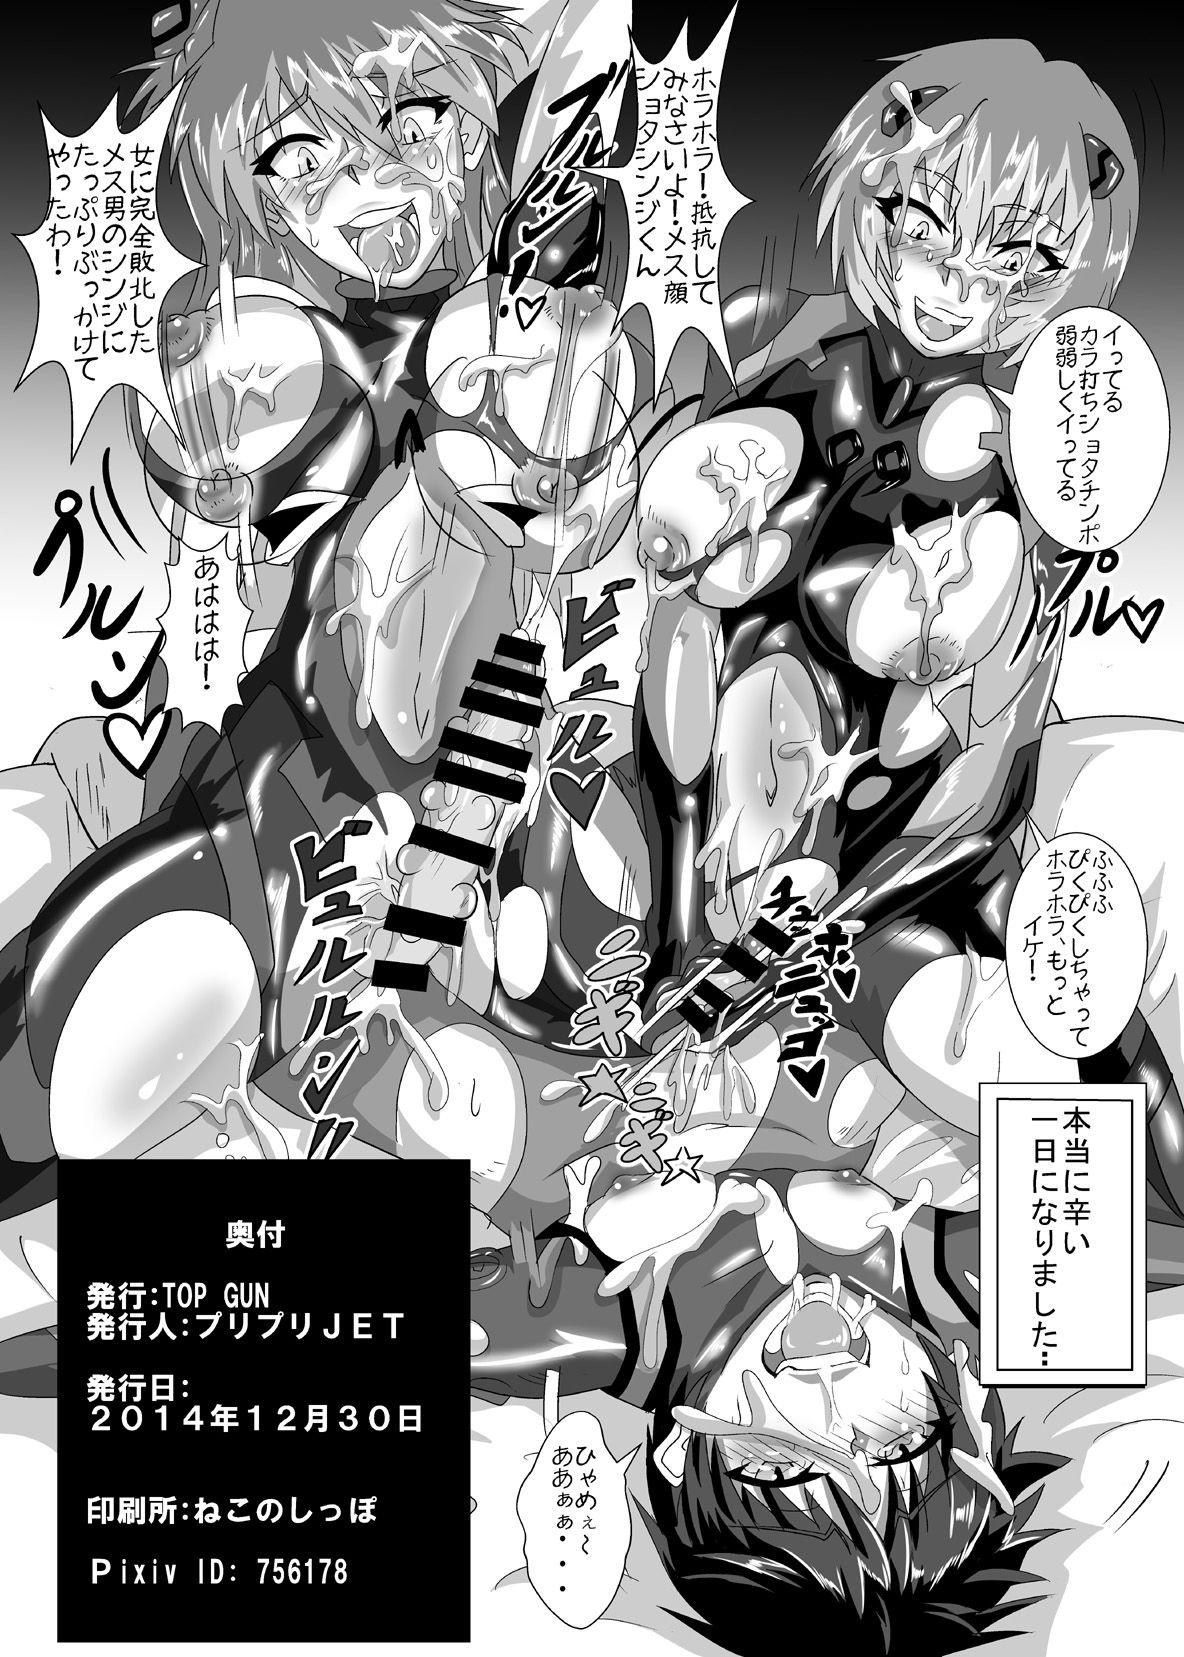 Shinji-kun no Makeikusa 32